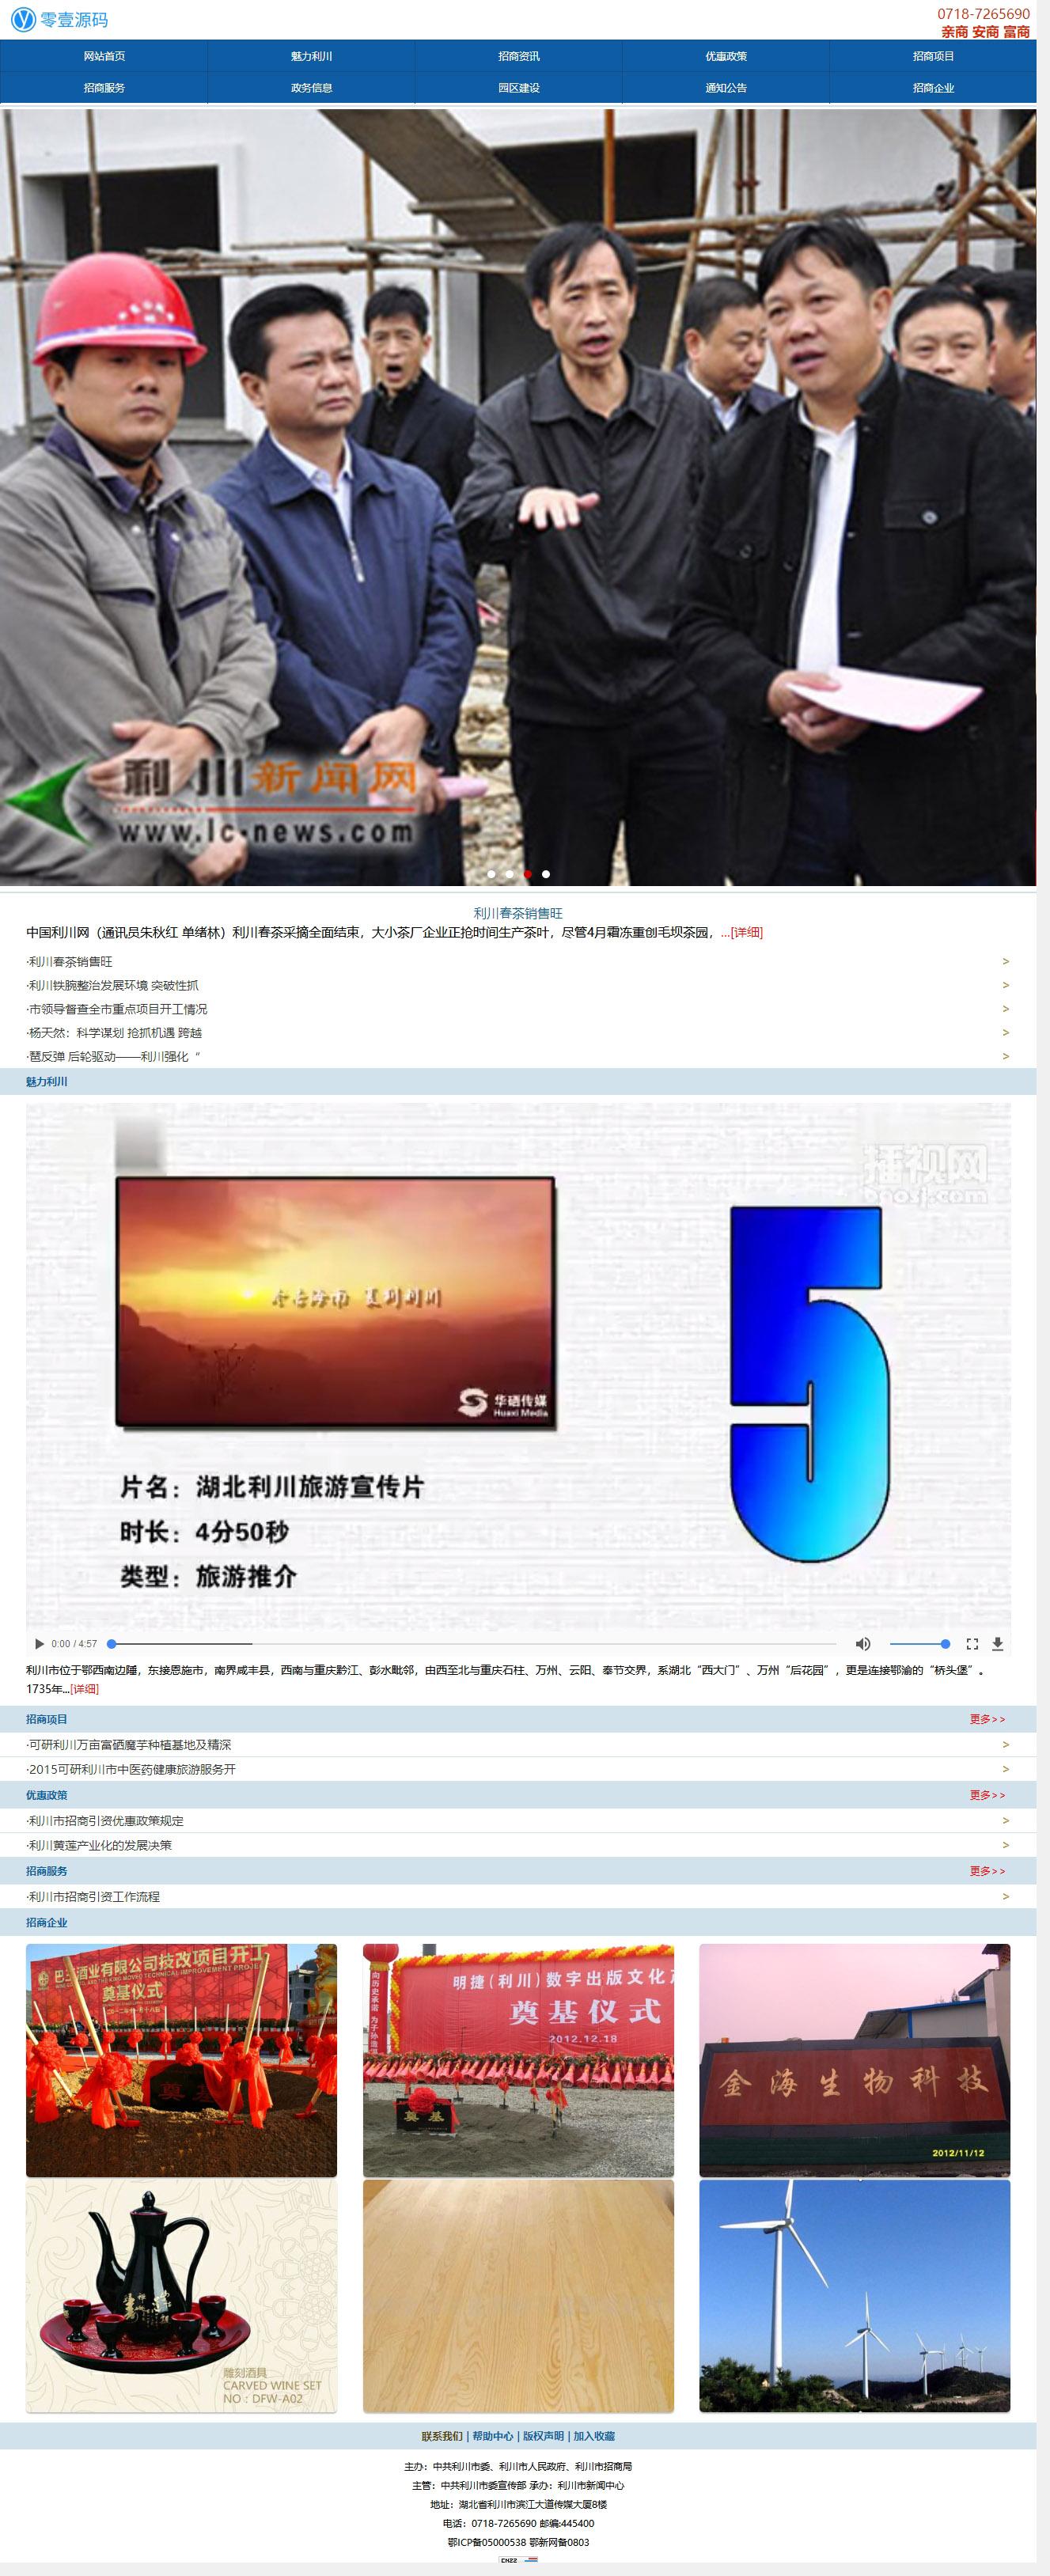 蓝色招商新闻资讯类织梦dedecms手机模板